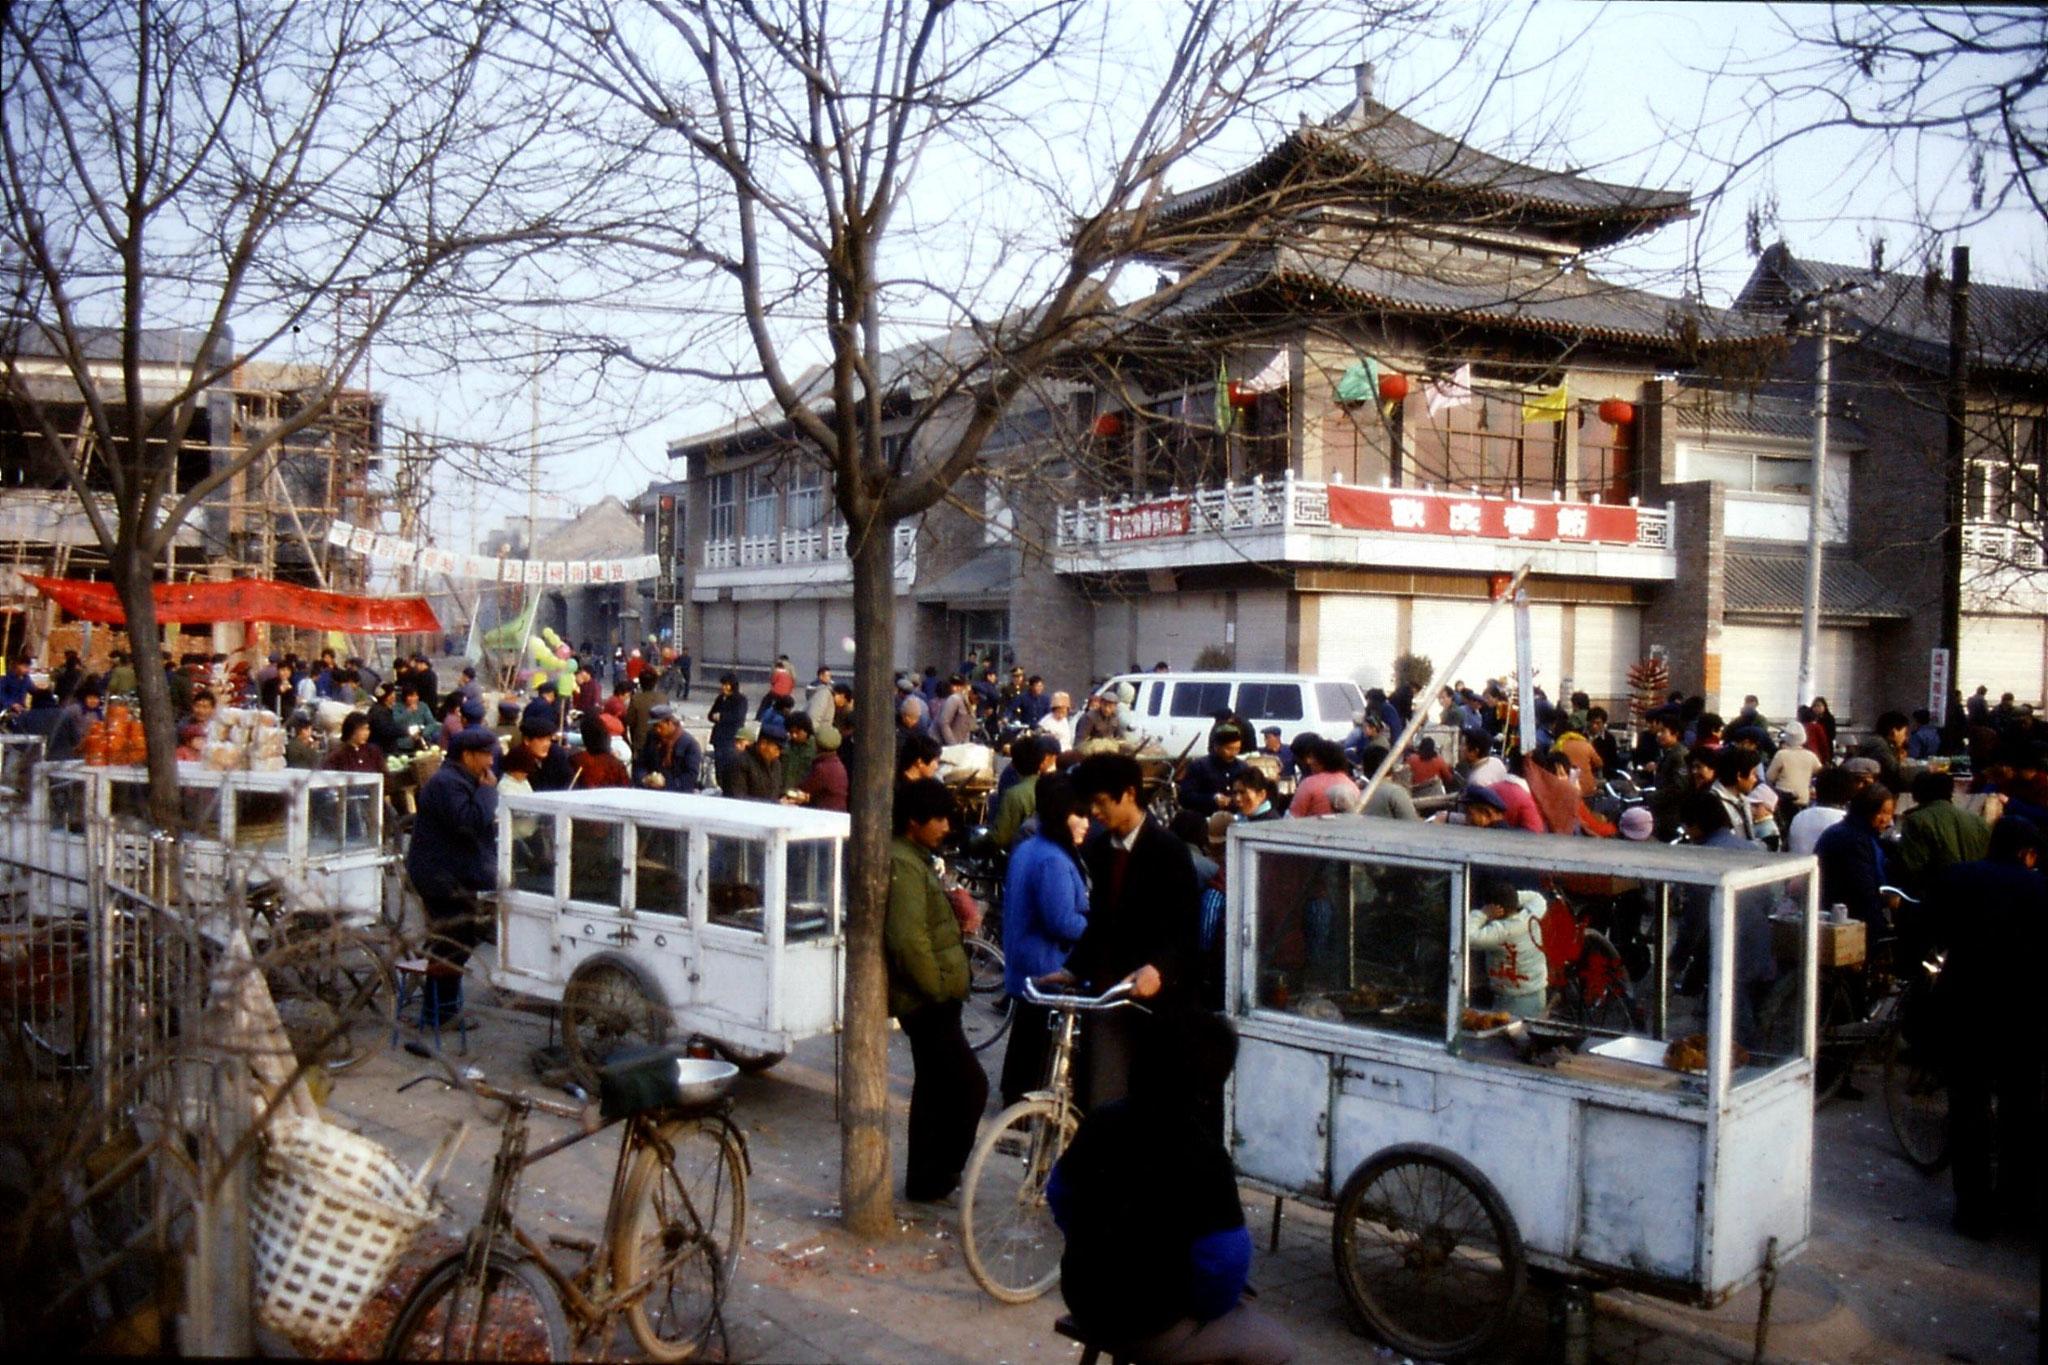 19/2/1989: 27: Qufu